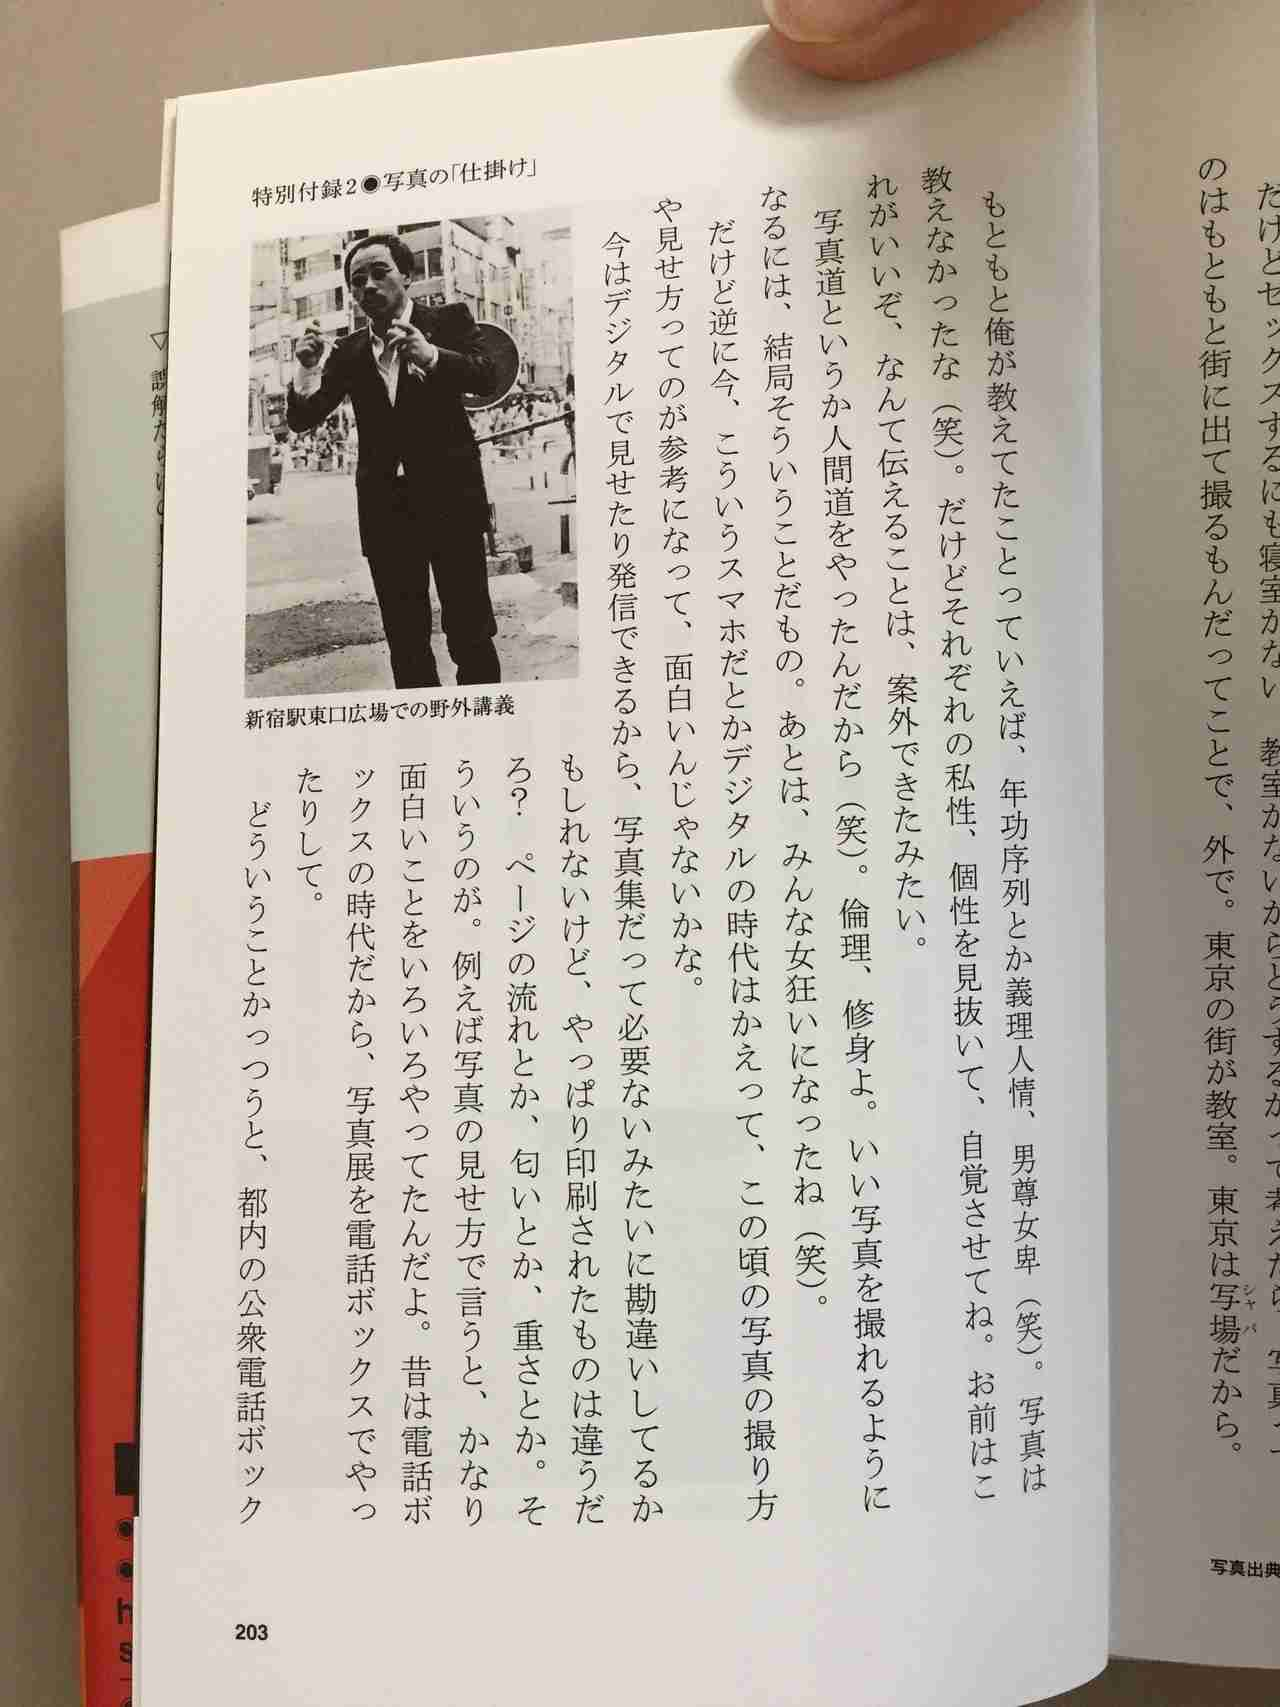 """「自殺を真剣に考えました」荒木経惟の""""ミューズ""""だったKaoRiが告白文を発表 #MeToo に呼応"""